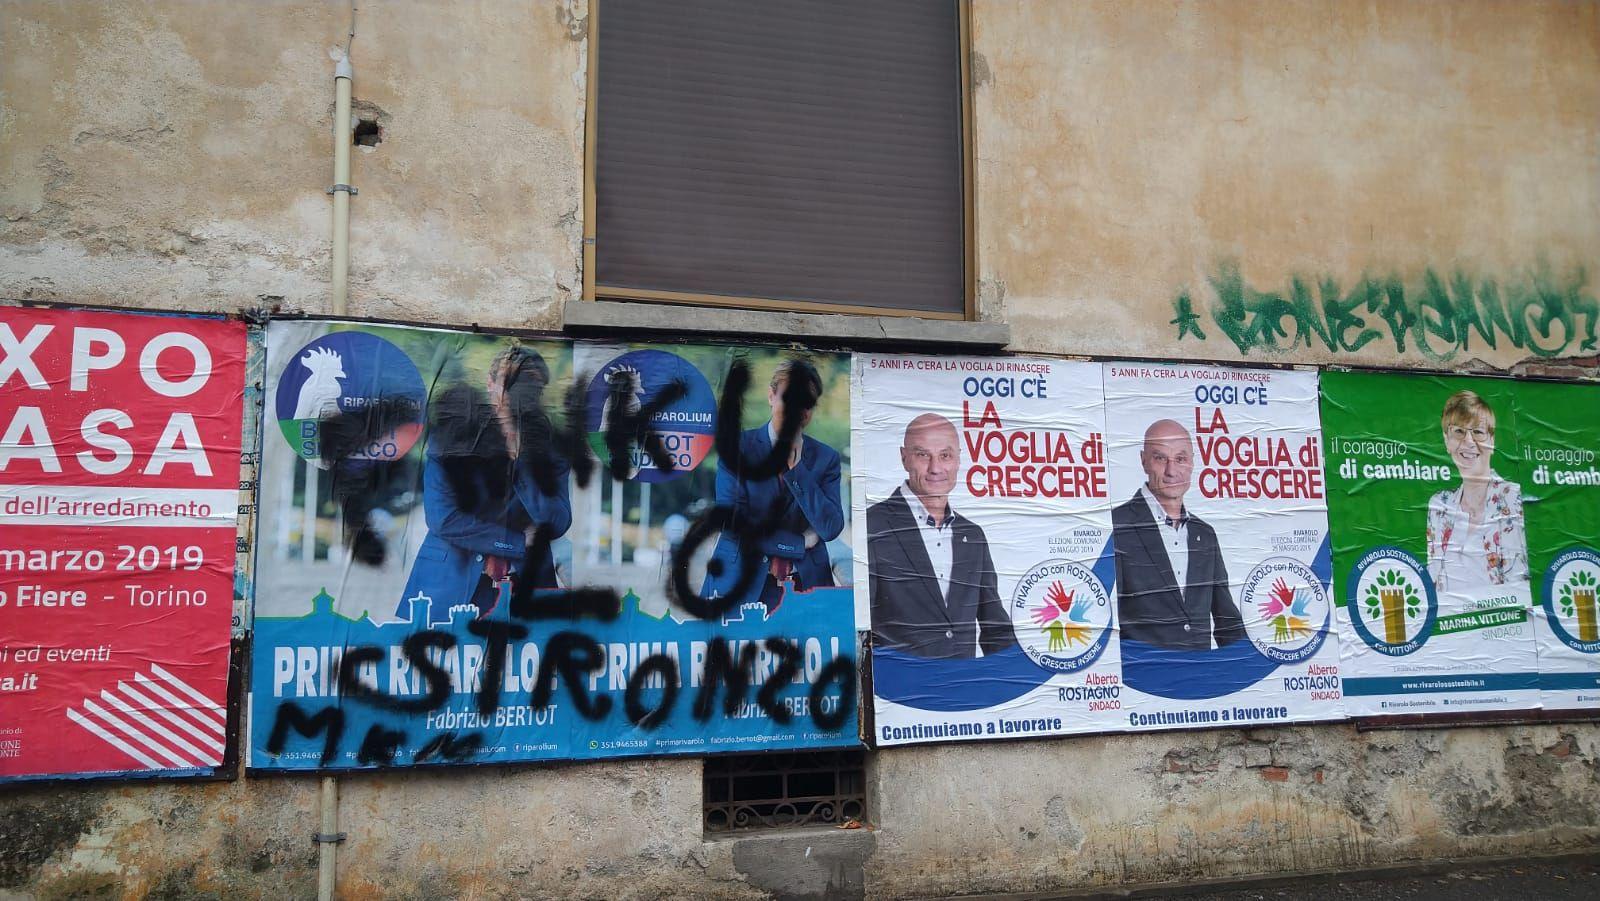 Arredamenti Rivarolo Canavese rivarolo - vandalizzati alcuni manifesti della lista di